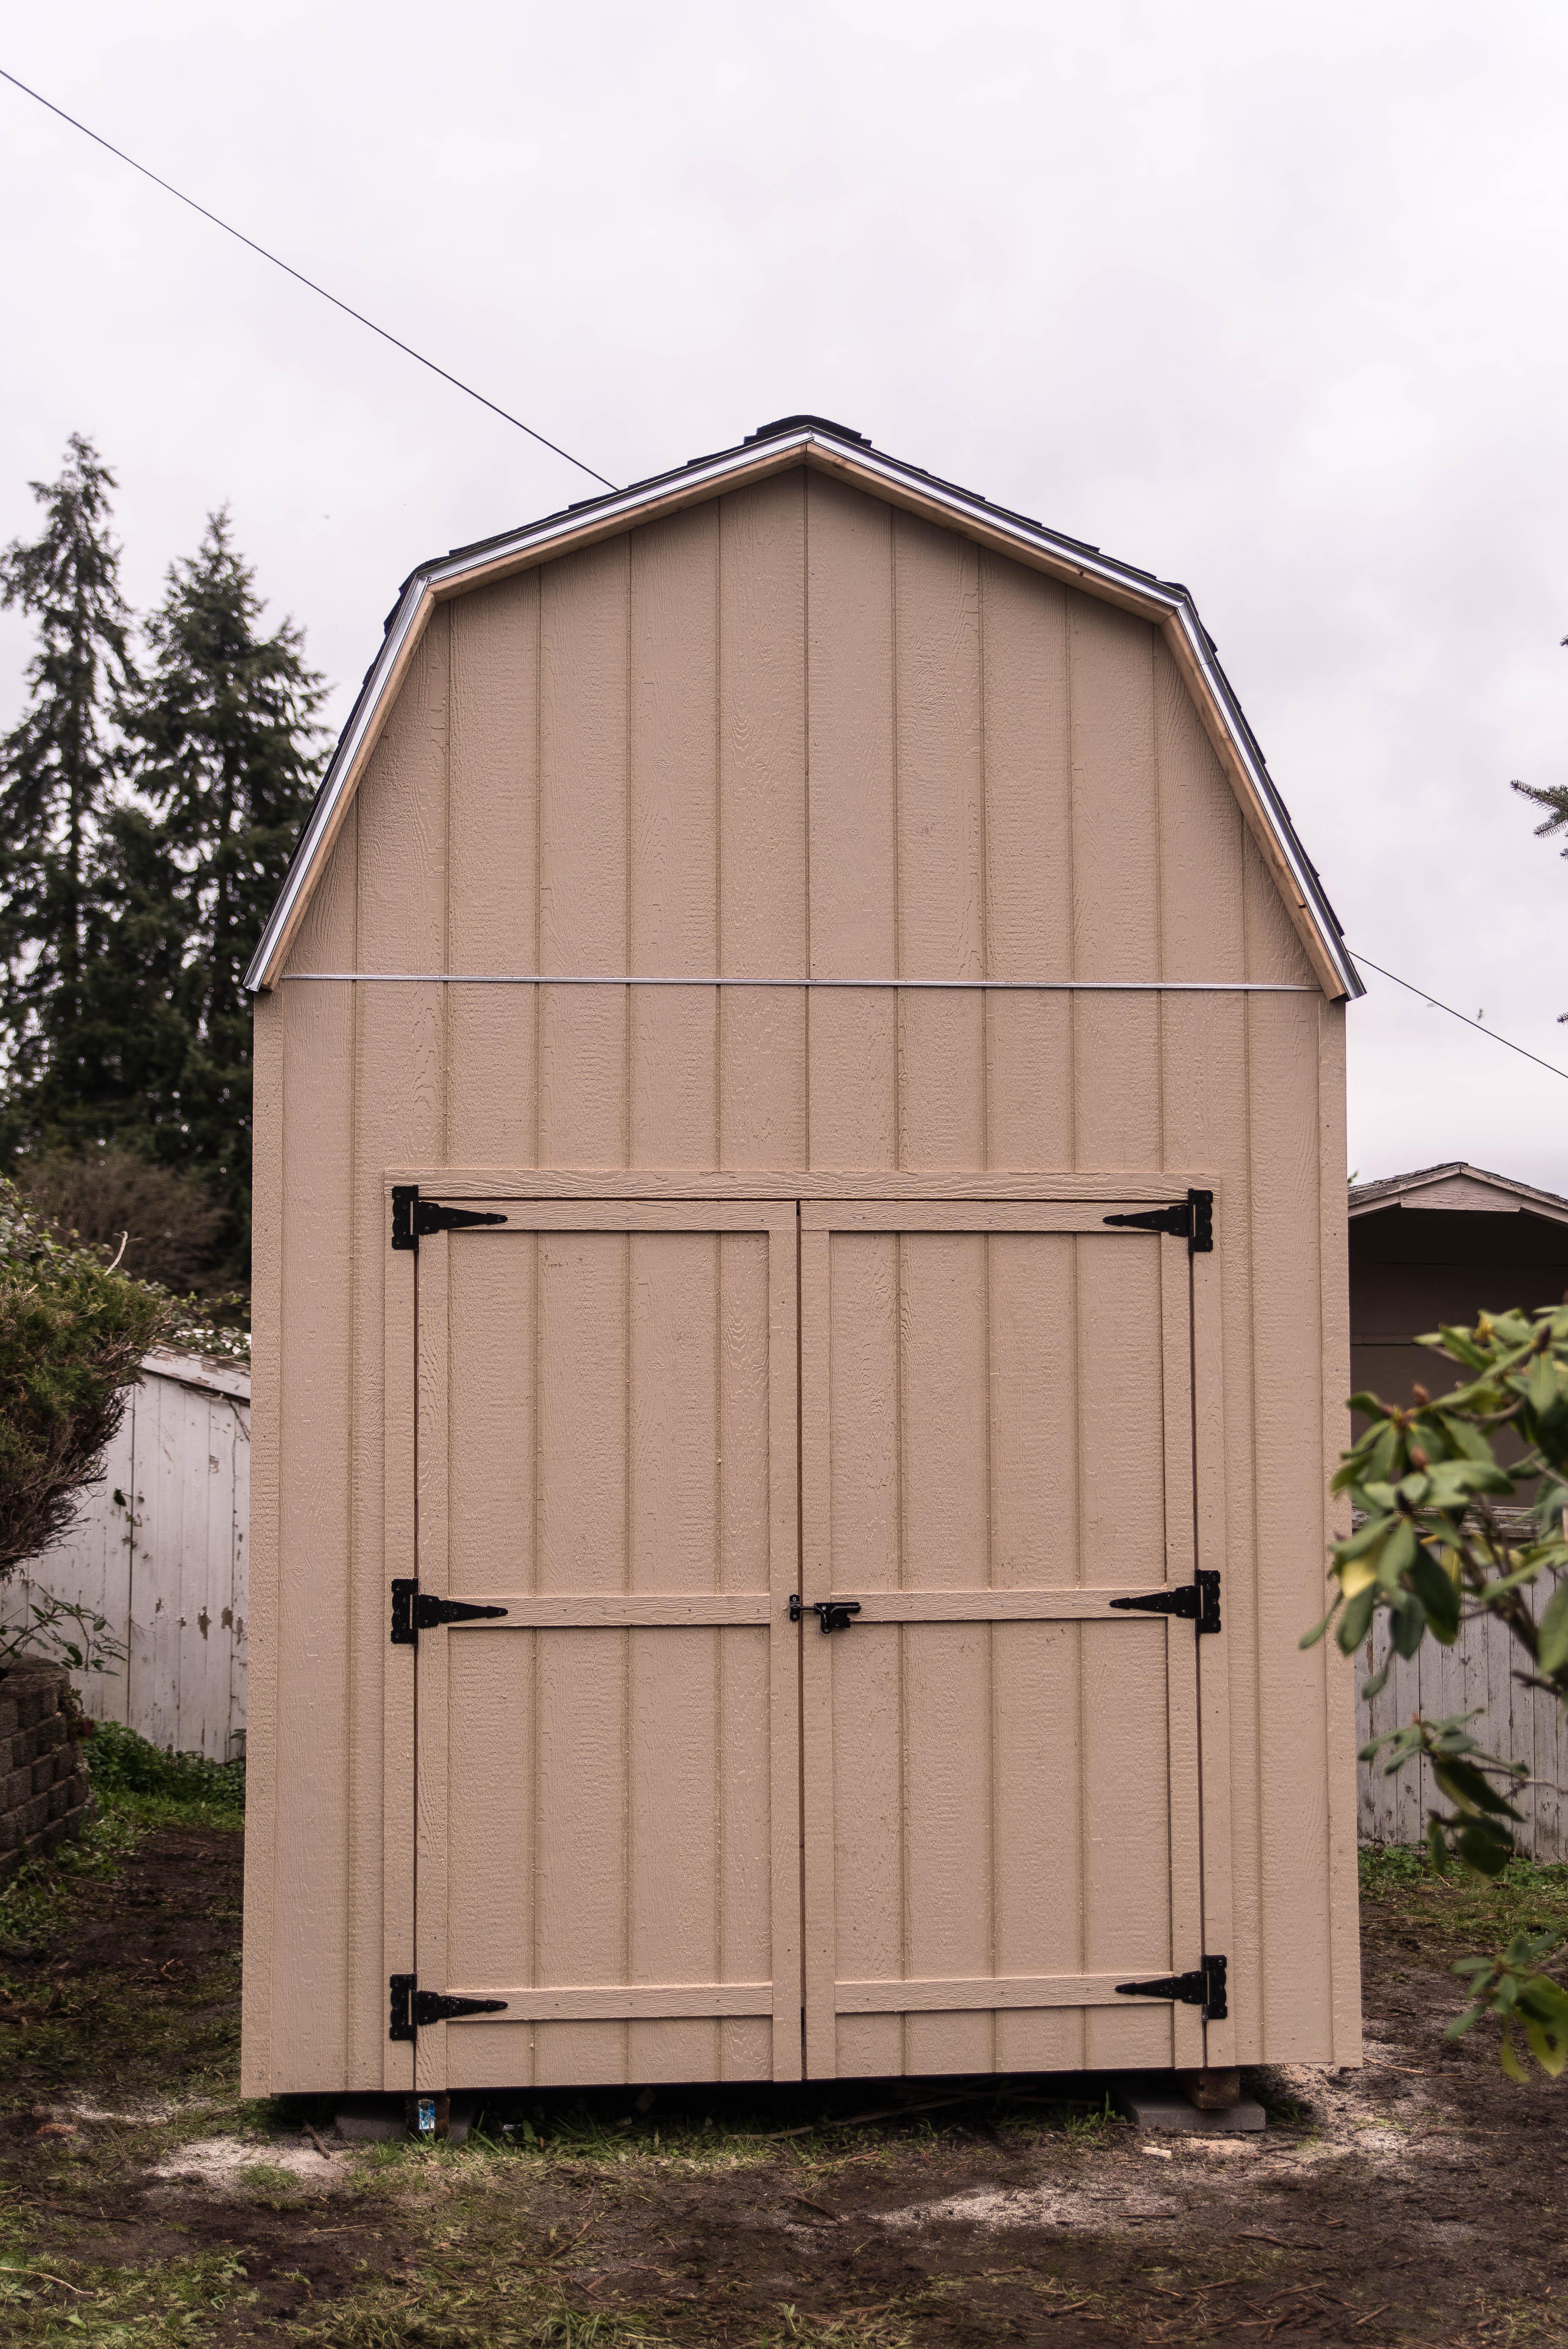 Tall Barns I Build Sheds